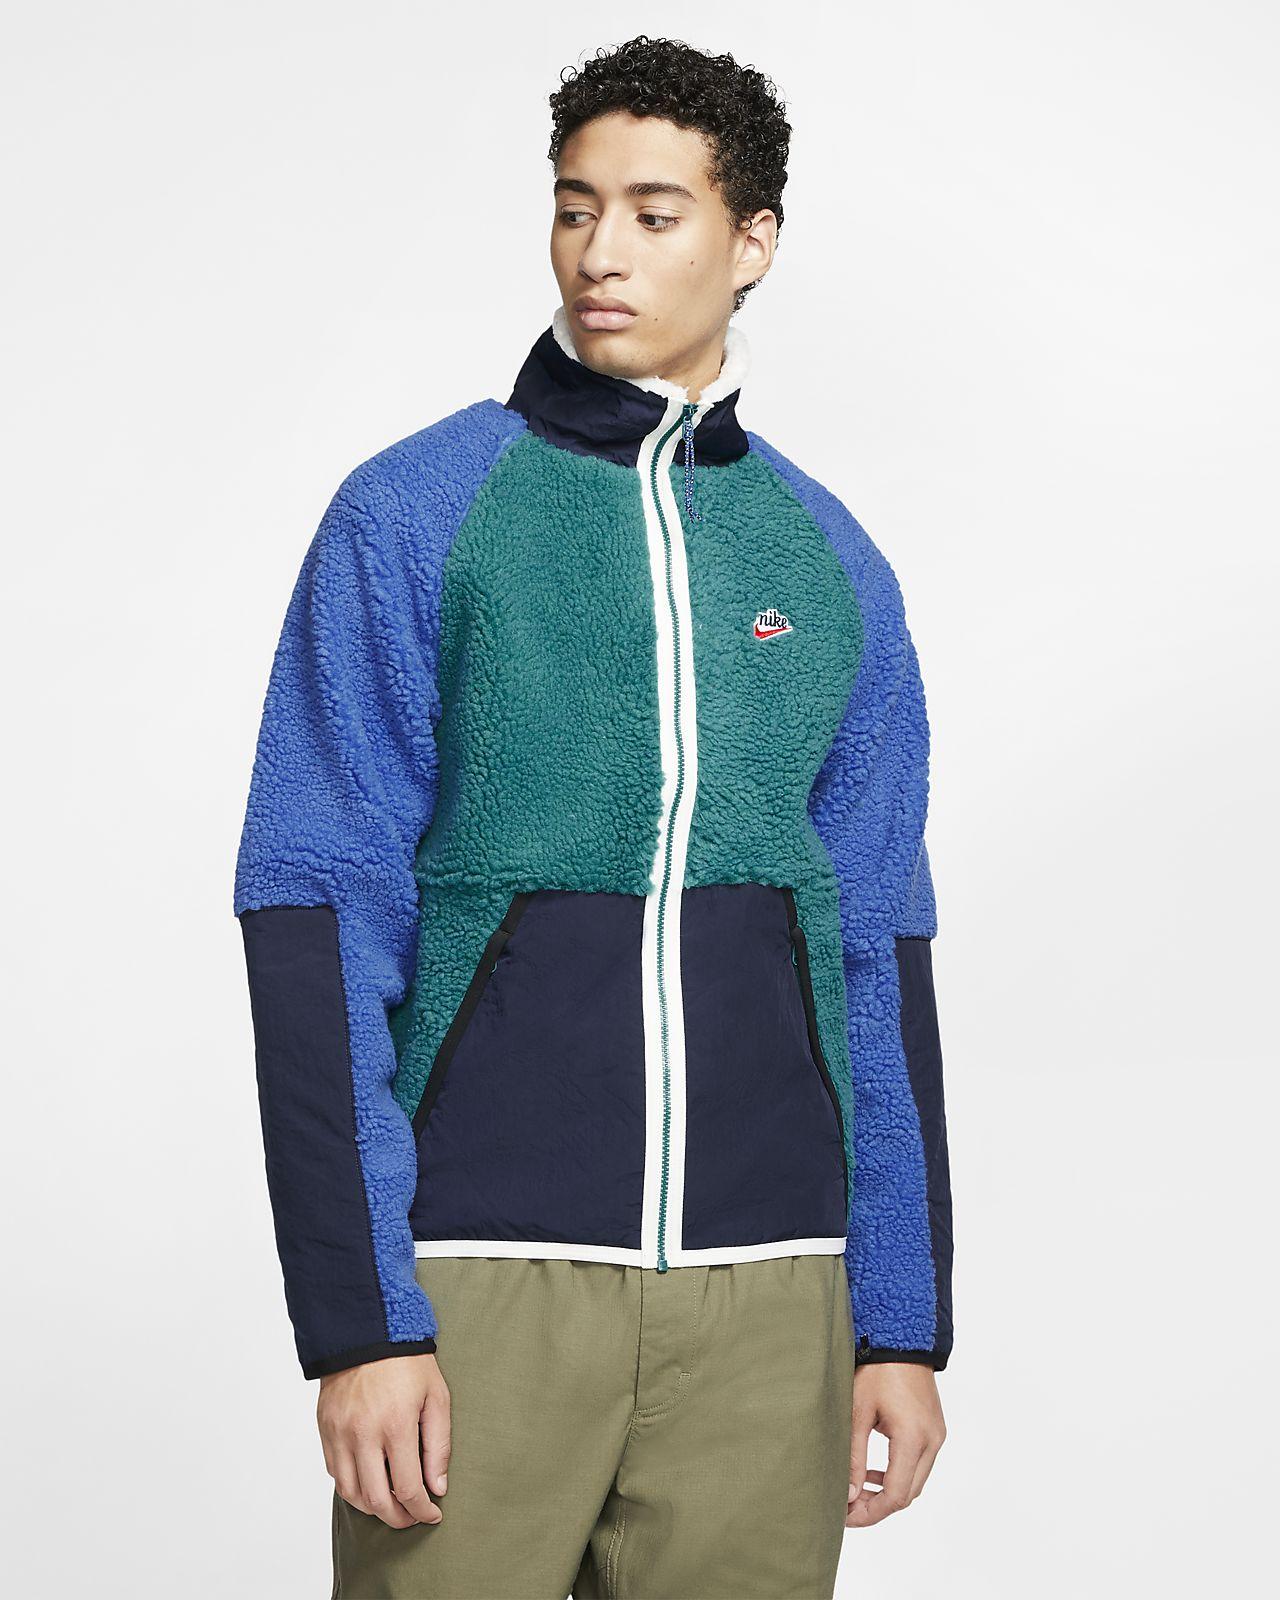 Ανδρικό τζάκετ από φλις ύφασμα Sherpa Nike Sportswear